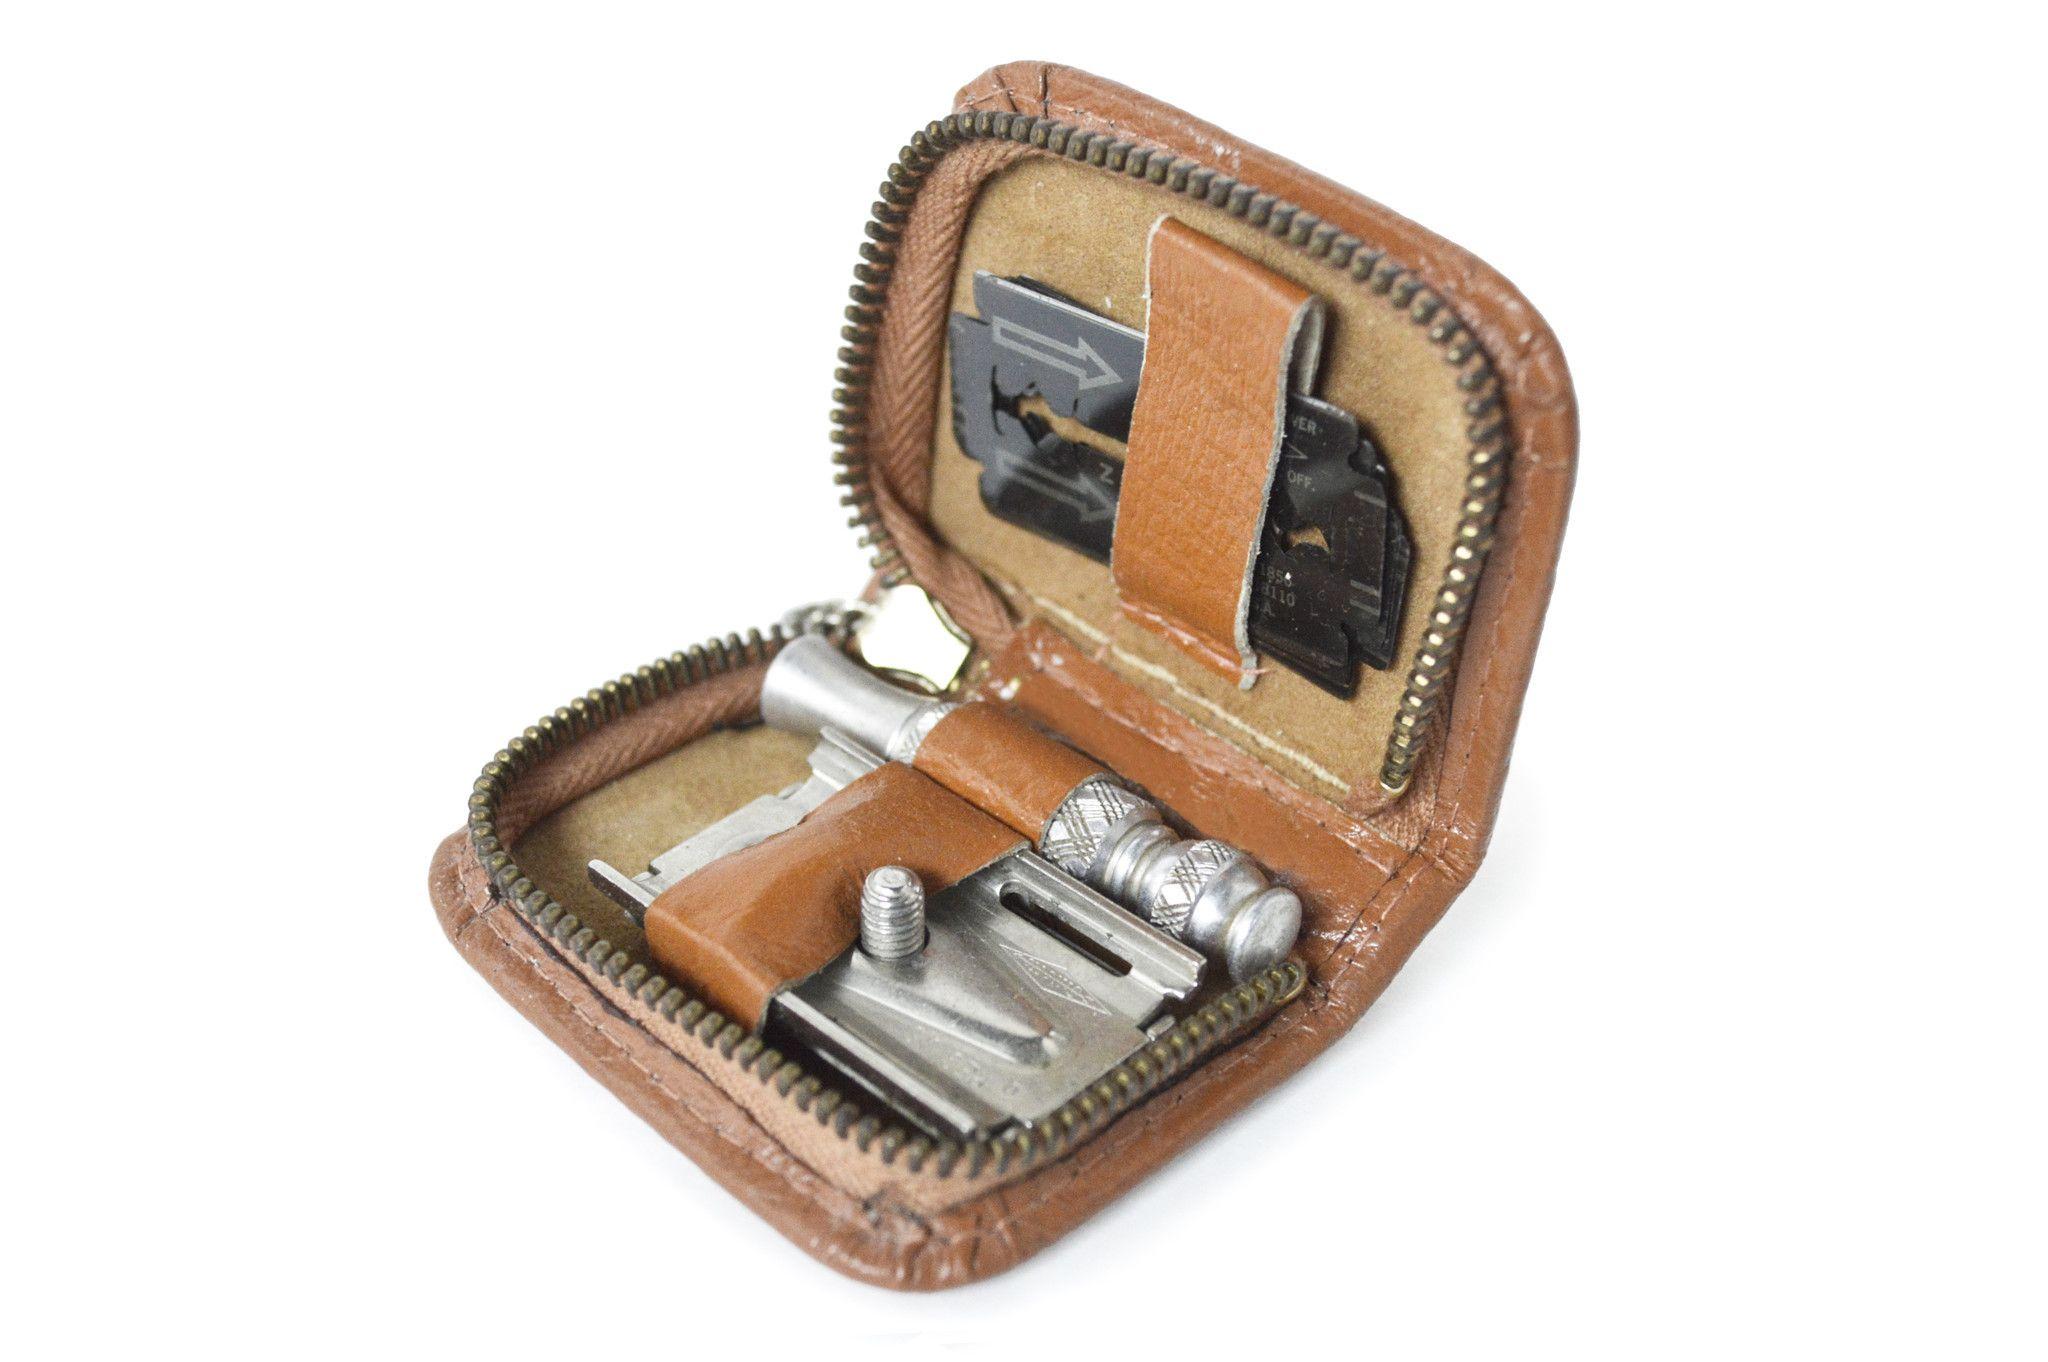 1940's Gillette Safety Razor Travel Kit. Safety razor